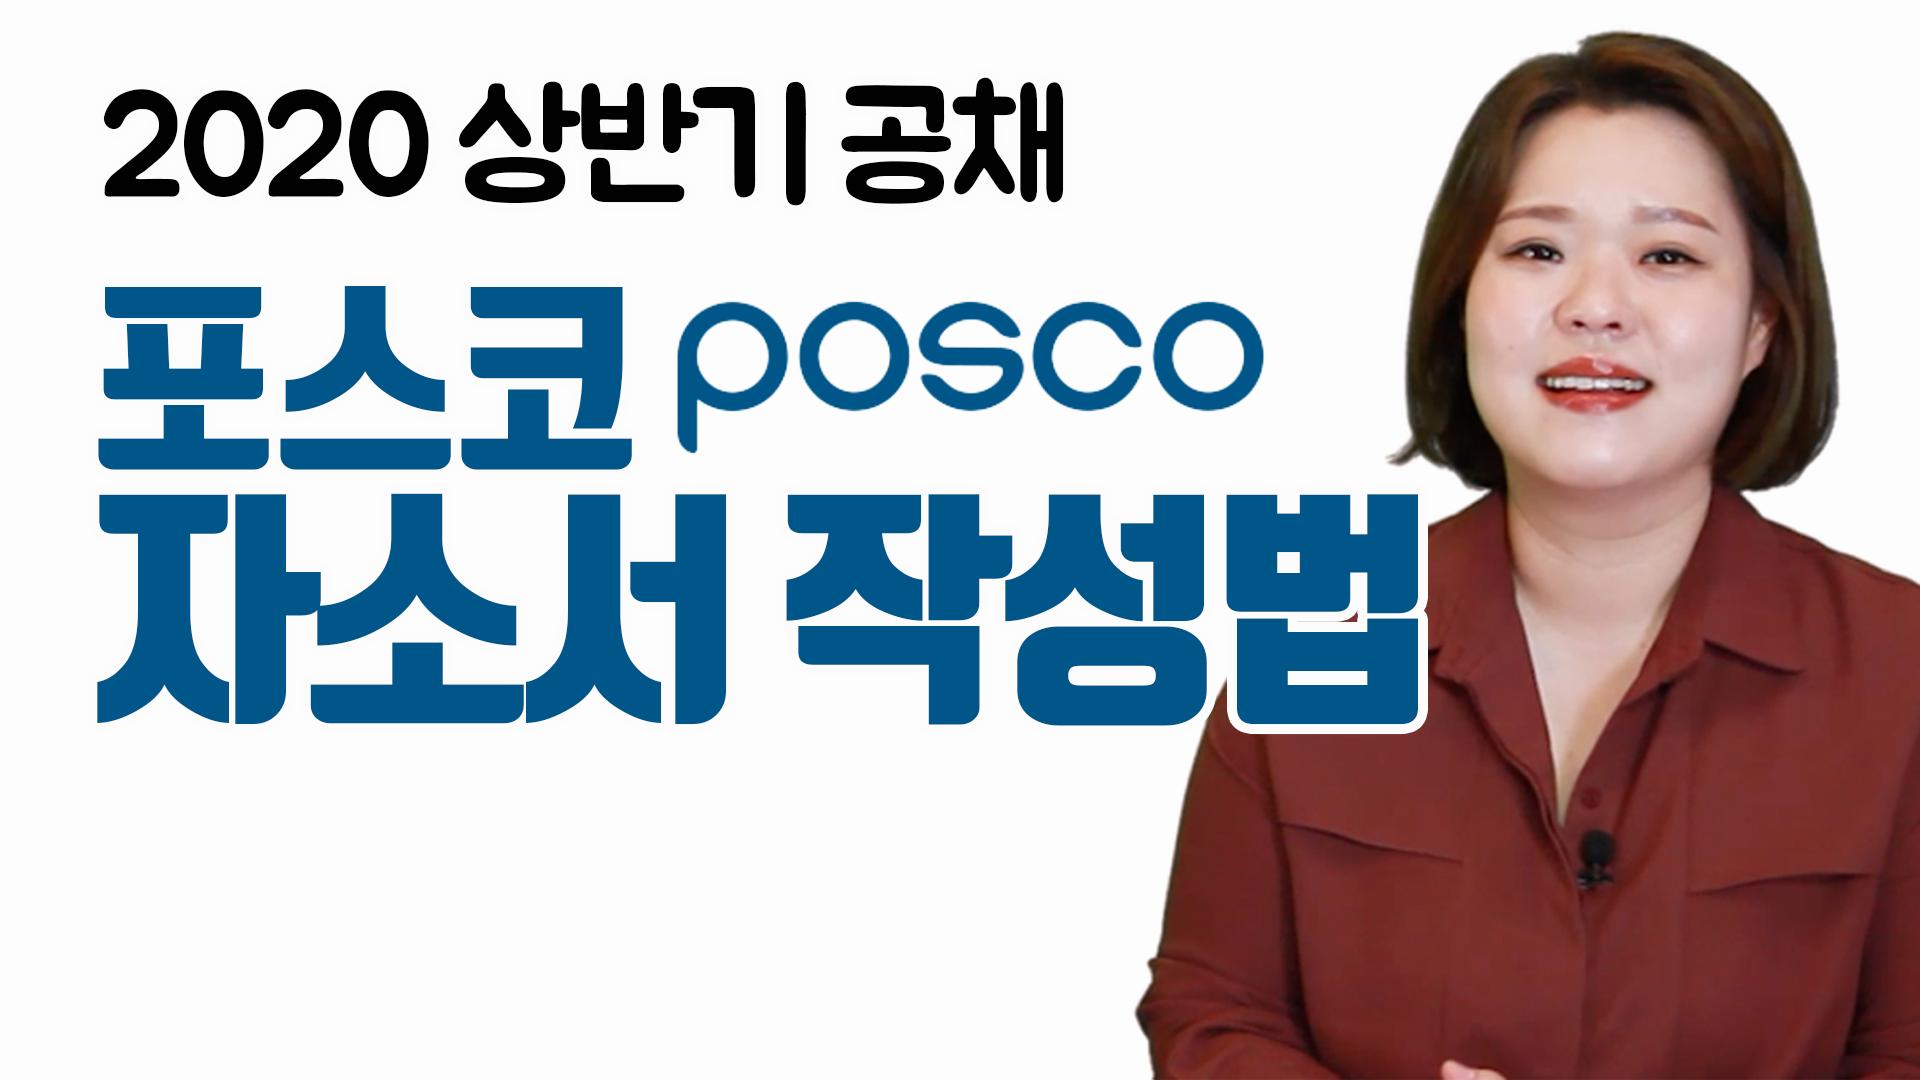 공채자소서분석 - 포스코